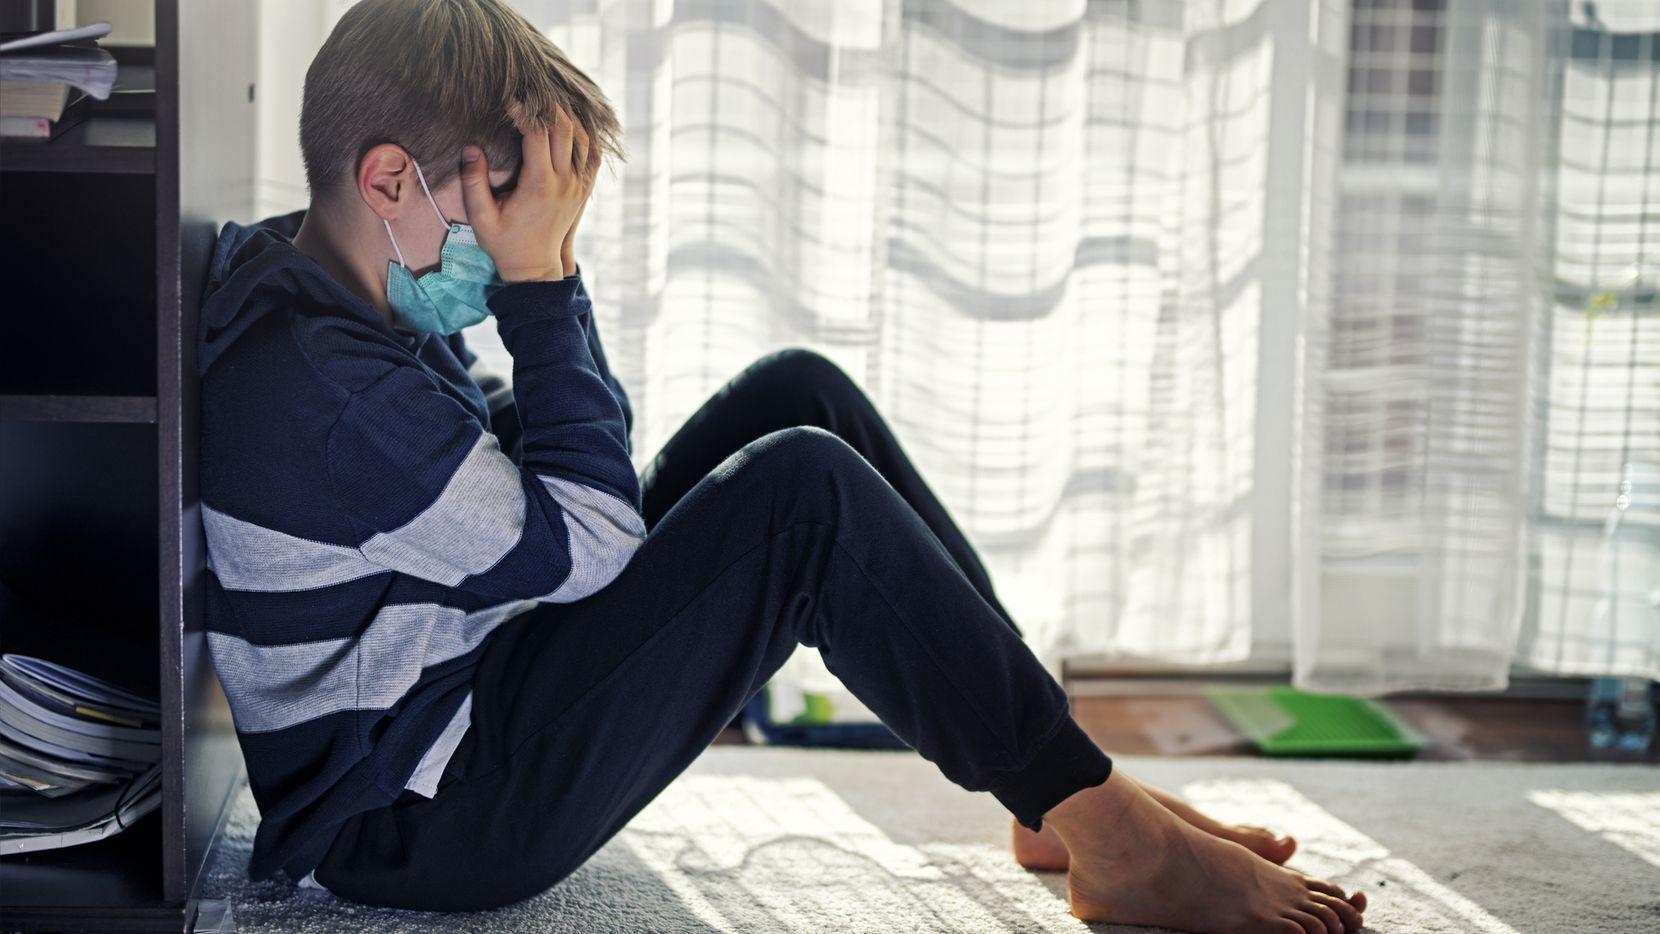 Los niños pueden desarrollar un síndrome después de haber tenido coronavirus, aunque hayan sido asintomáticos.